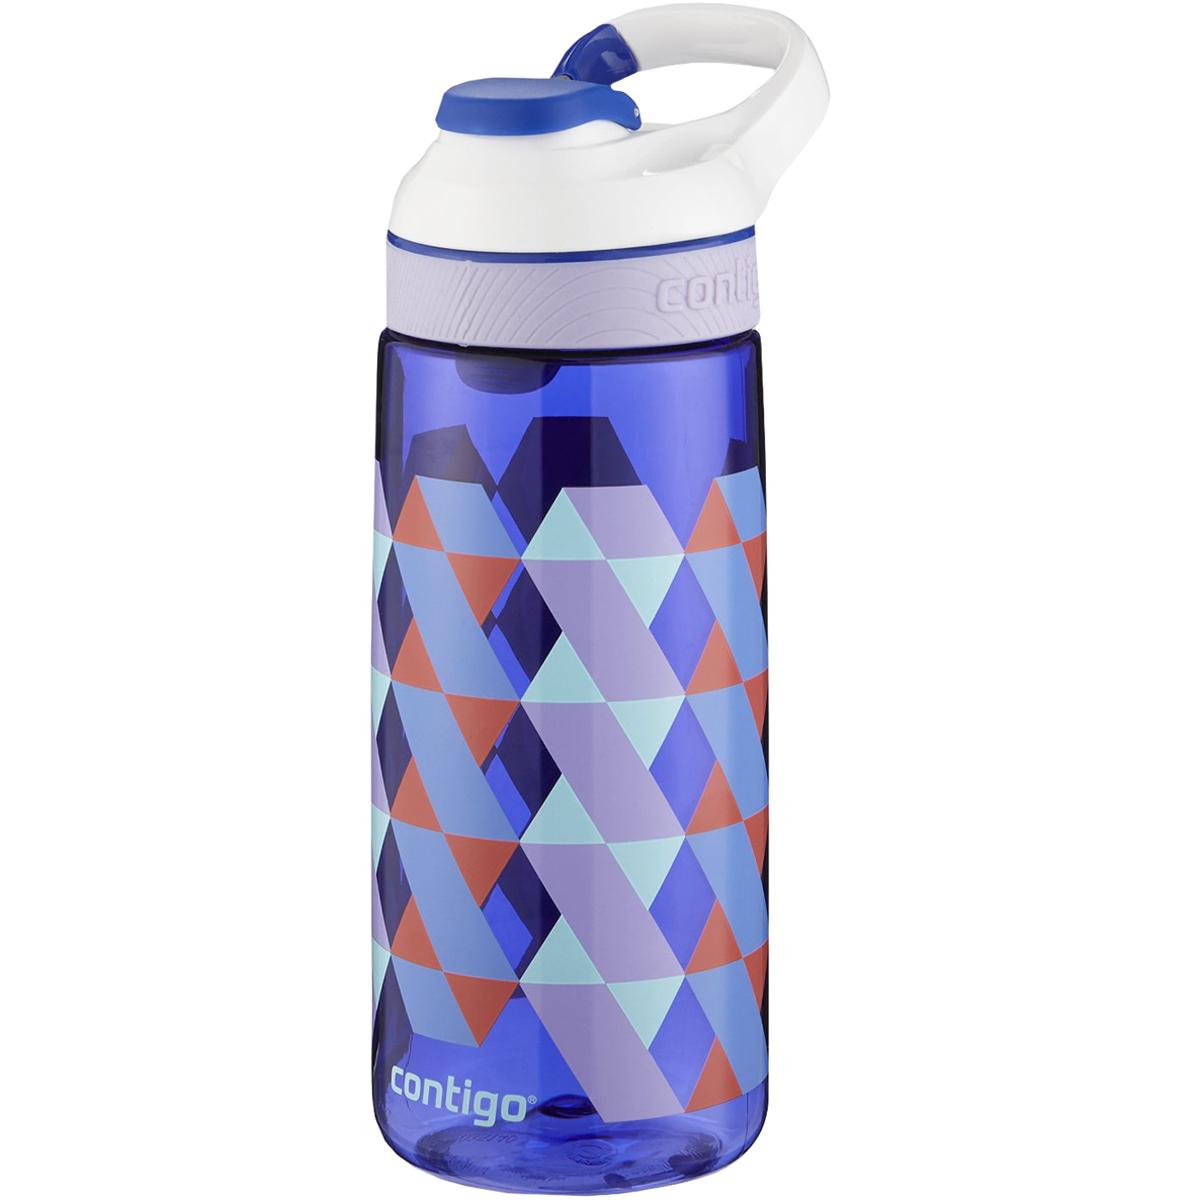 Contigo-20-oz-Kid-039-s-Courtney-AutoSeal-Water-Bottle thumbnail 3